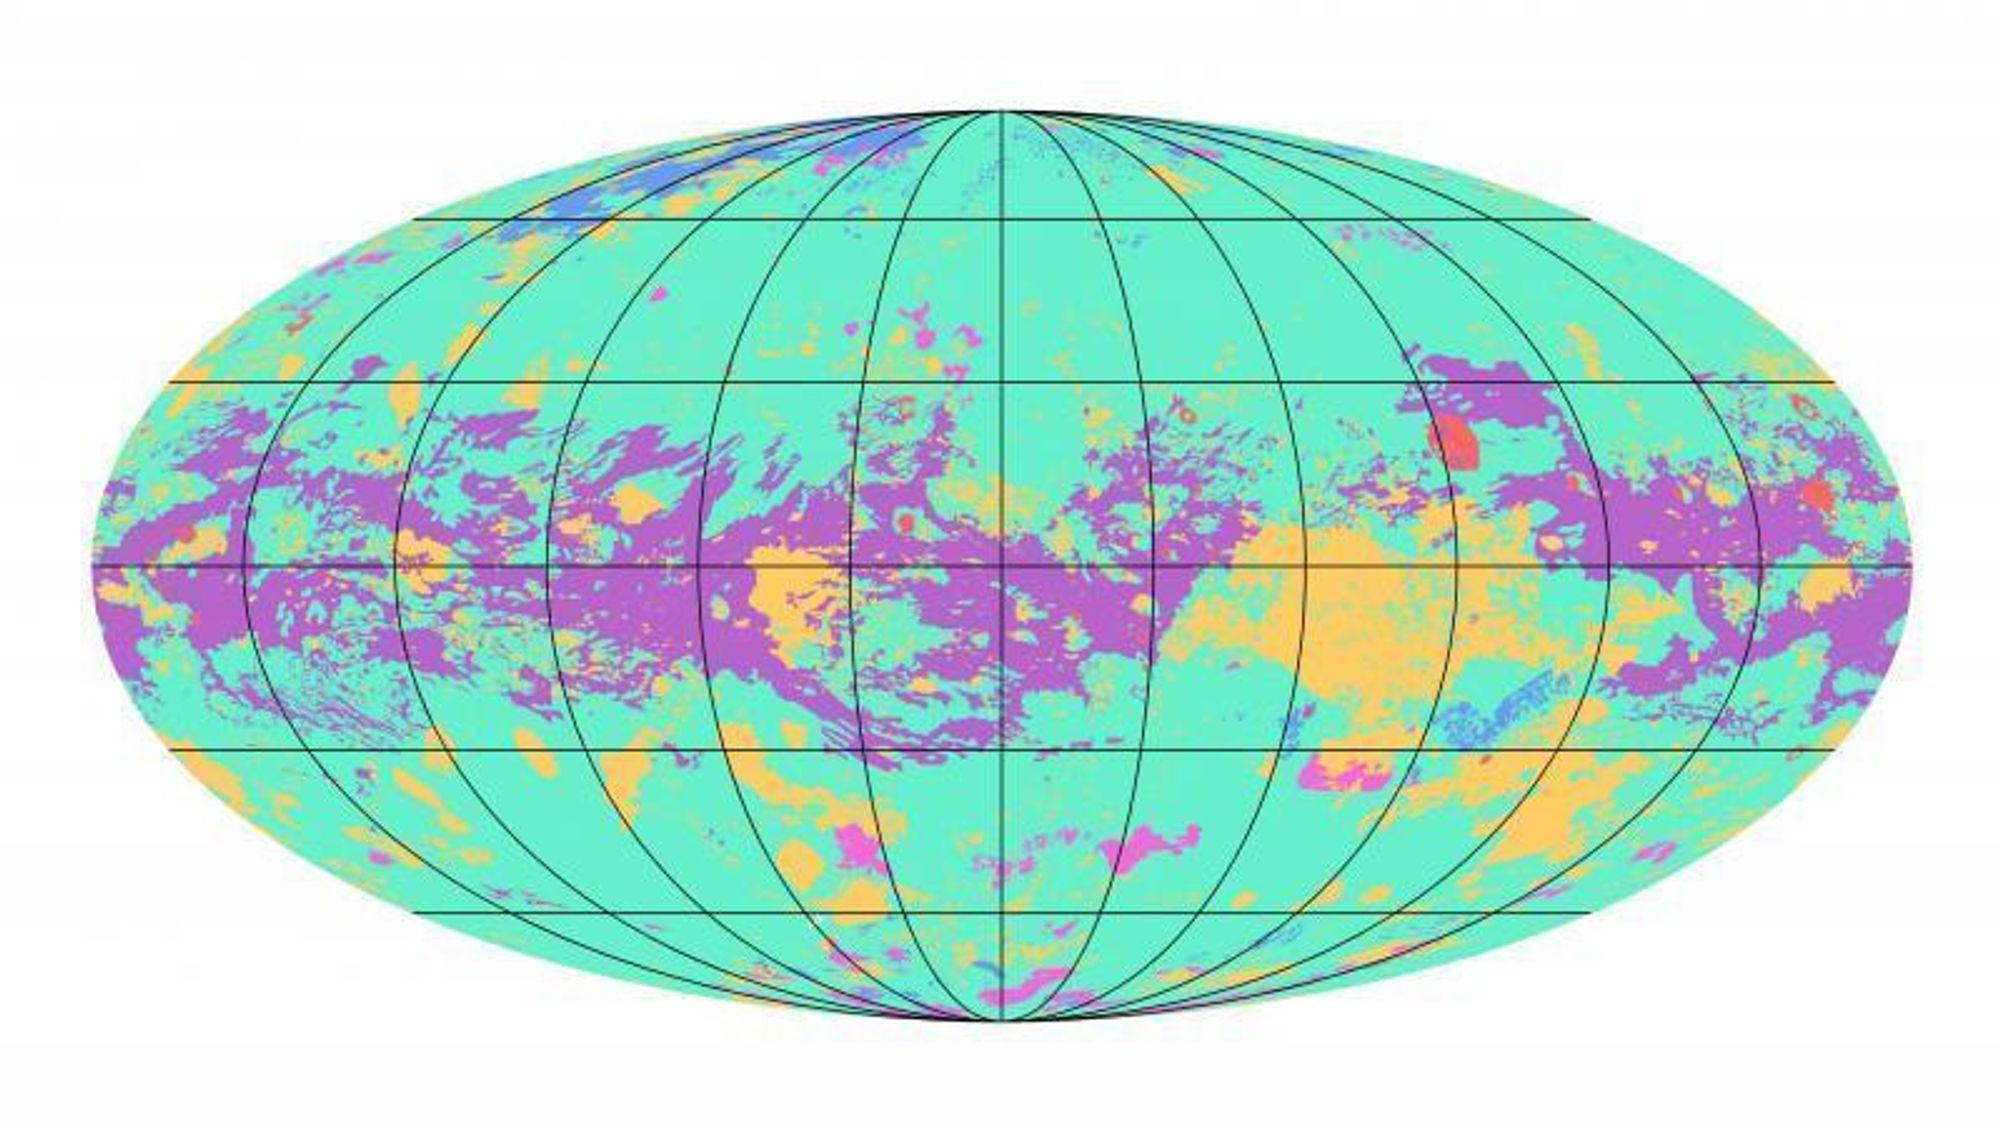 Titan har sjøer (blå), krater (rød), sandbanker (lilla), åser (oransje), kanaler (rosa) og sletter (grønt).